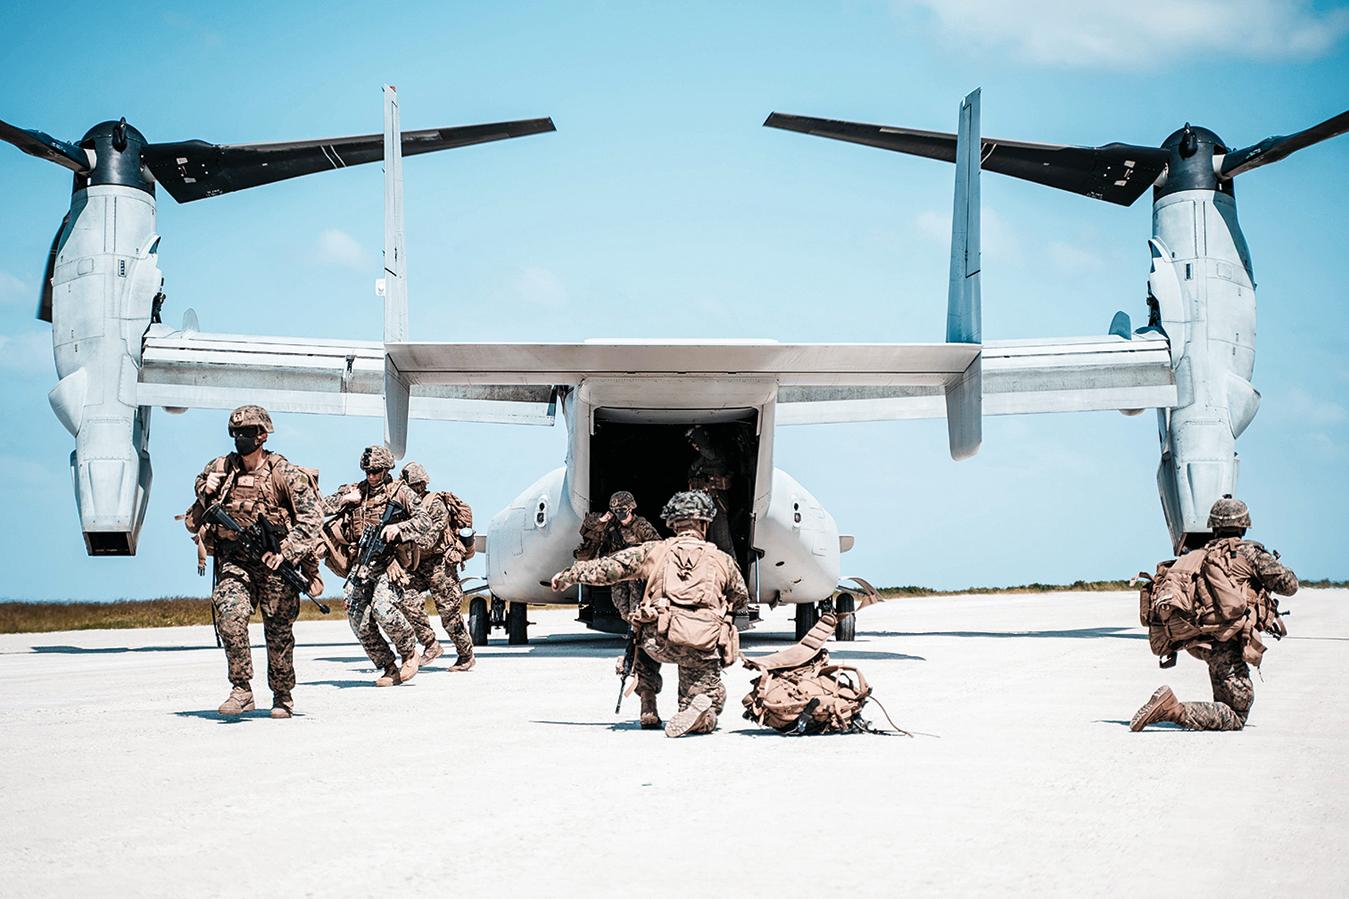 2020年10月7日,美國海軍陸戰隊在日本沖繩島一帶展開「貴族之怒」(Noble Fury)登陸演習。(Cpl. Josue Marquez∕美國海軍陸戰隊)